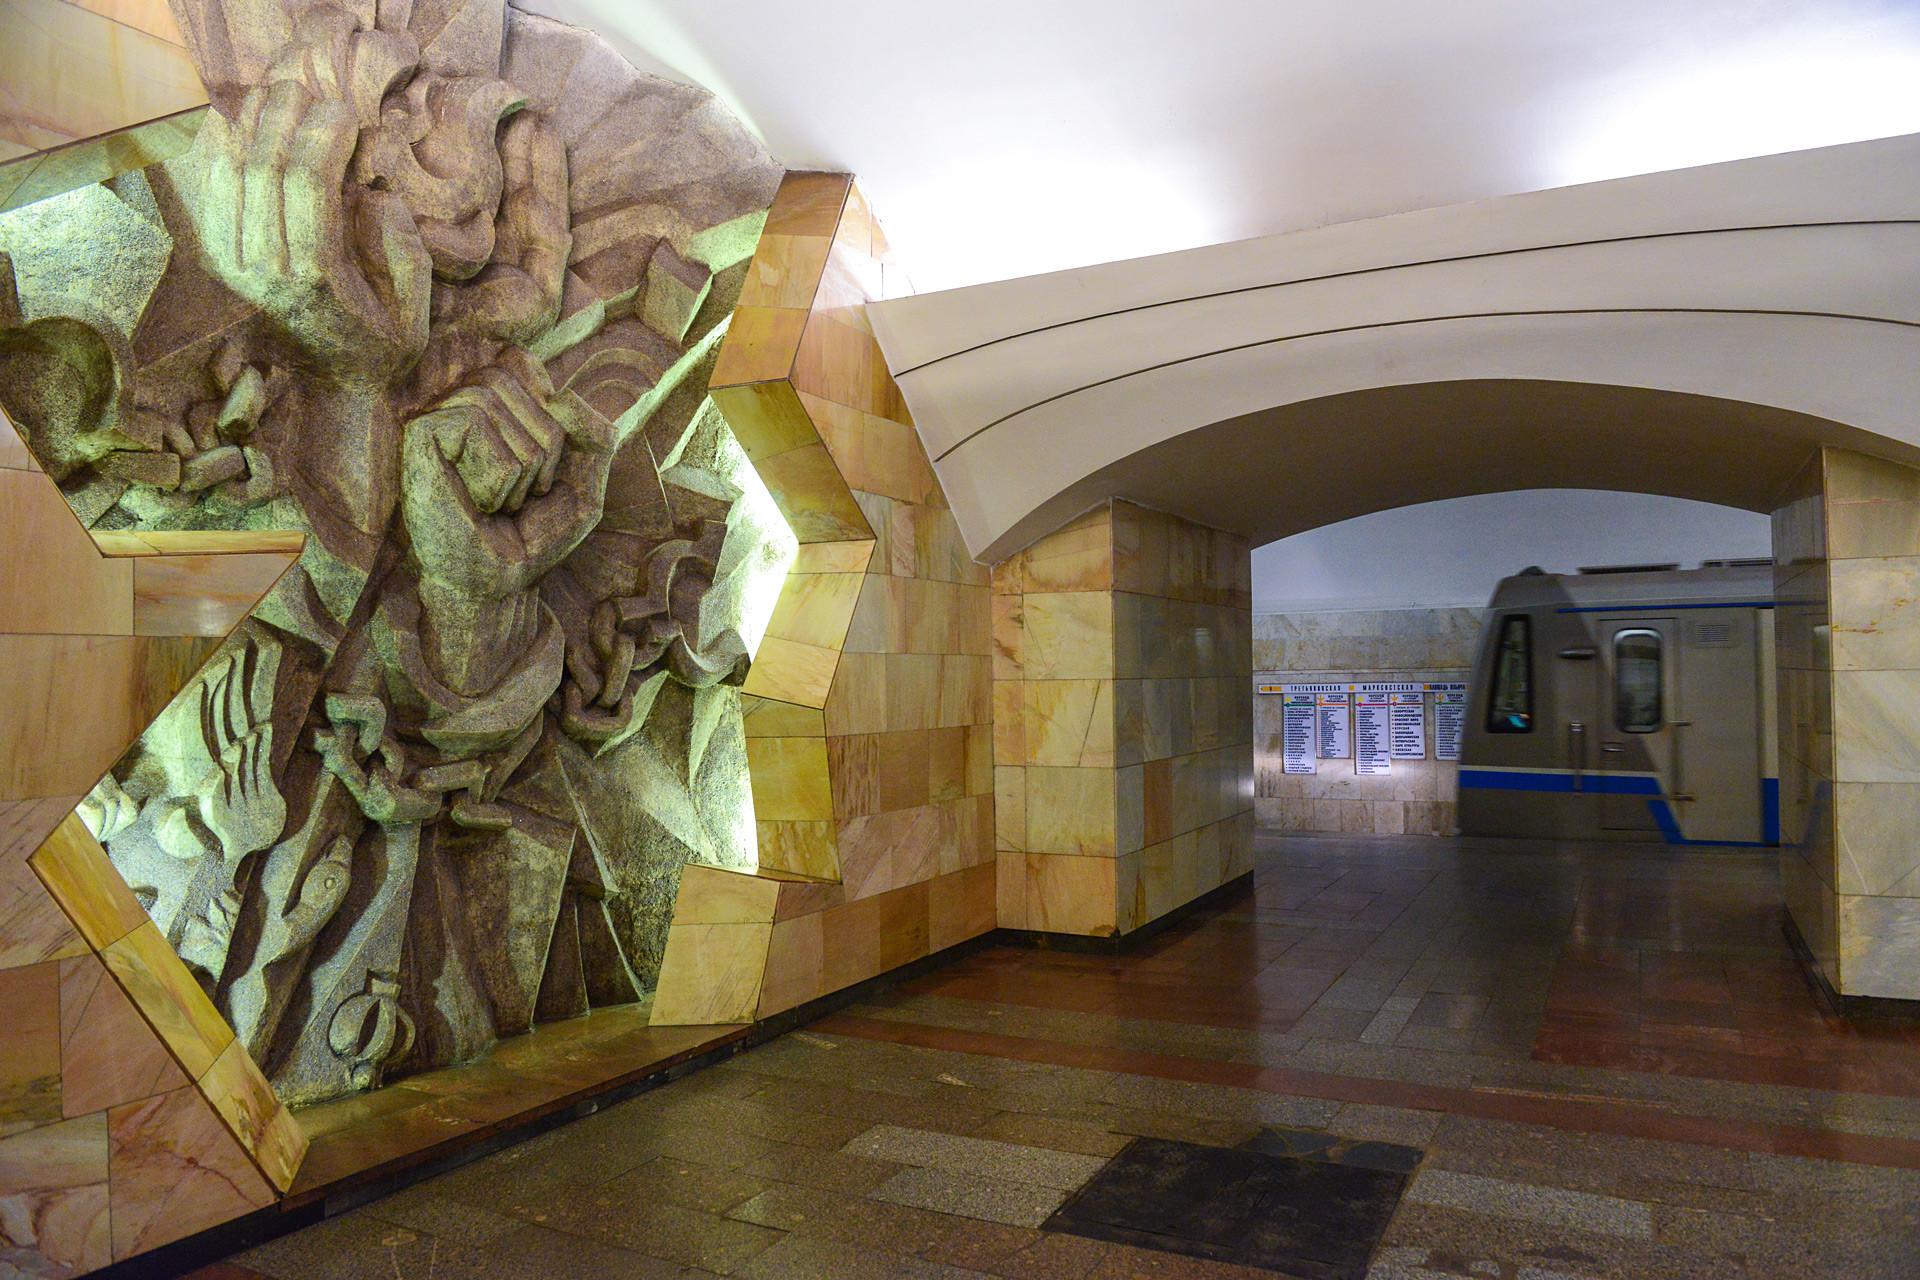 Estación de metro de Moscú Shosse Entuziástov.